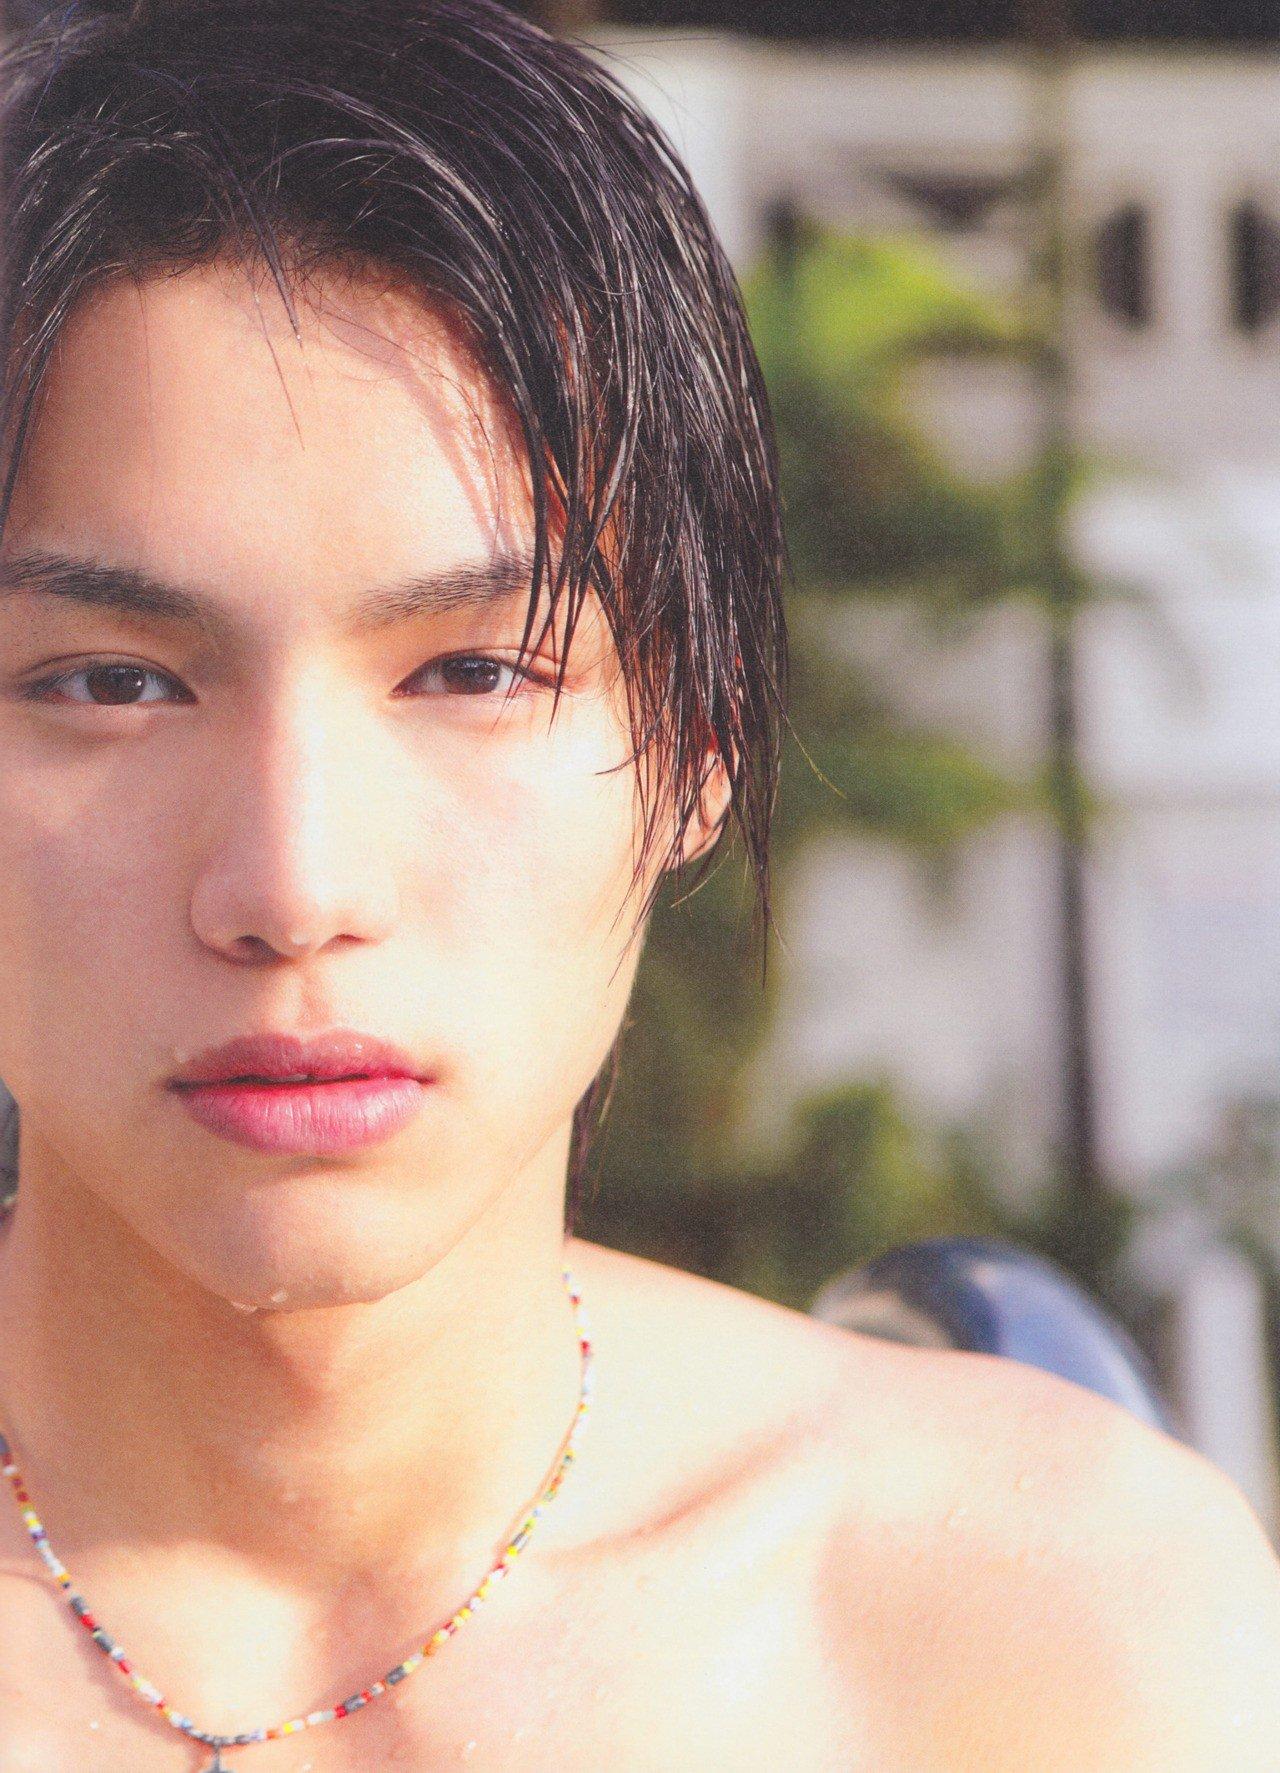 найдено селе японские актеры мужчины список фото пять